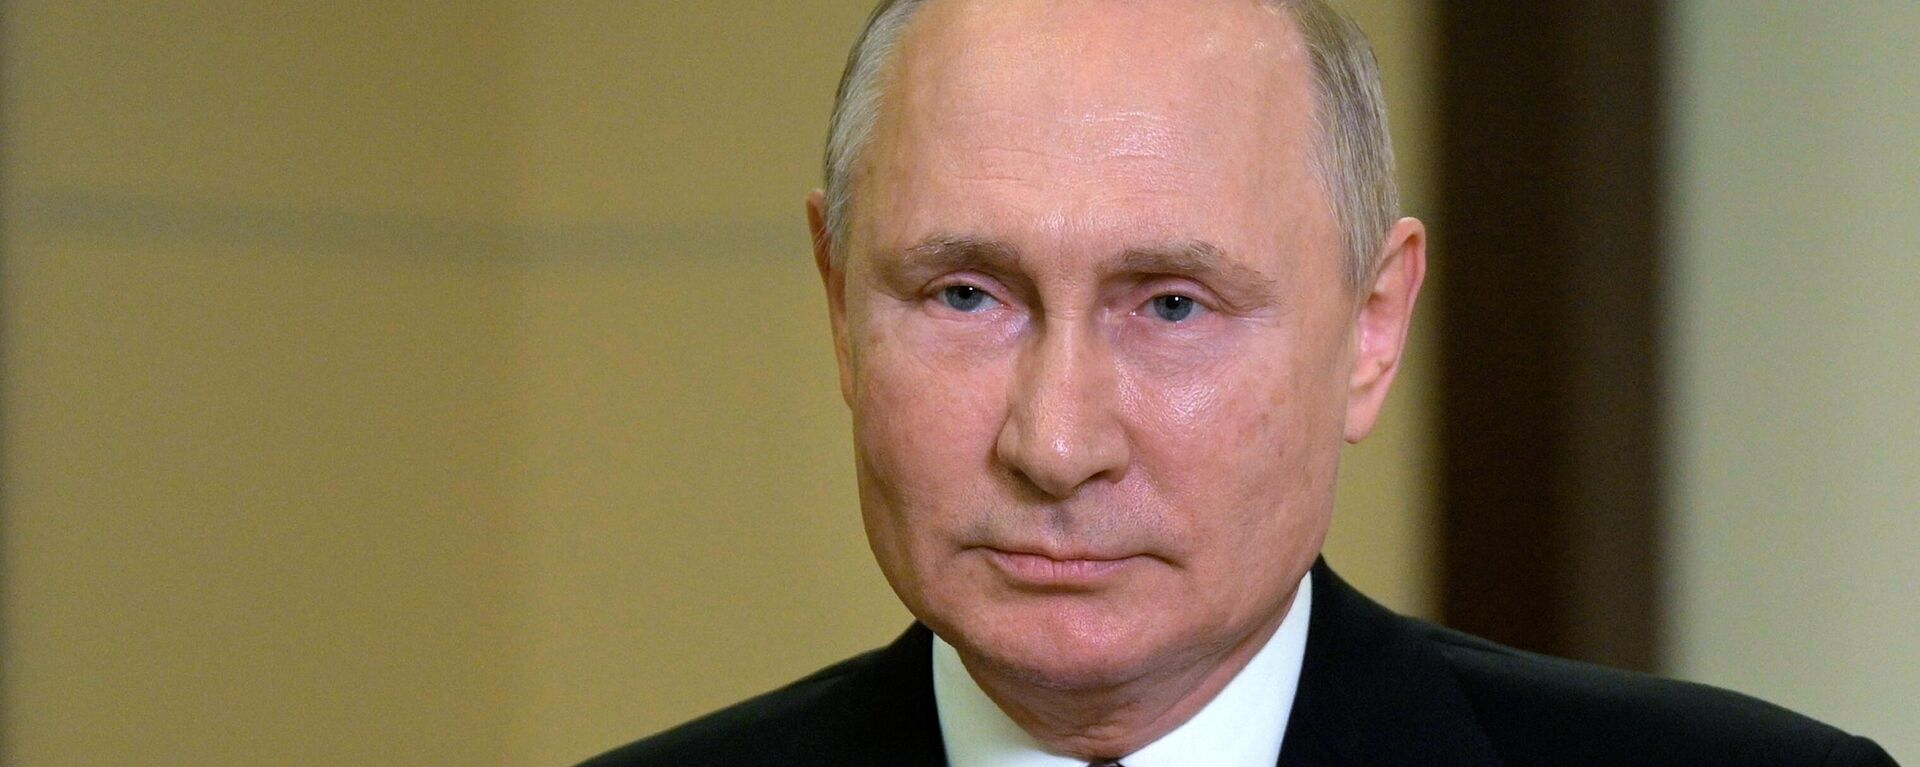 Vladimir Putin - Sputnik Türkiye, 1920, 17.09.2021